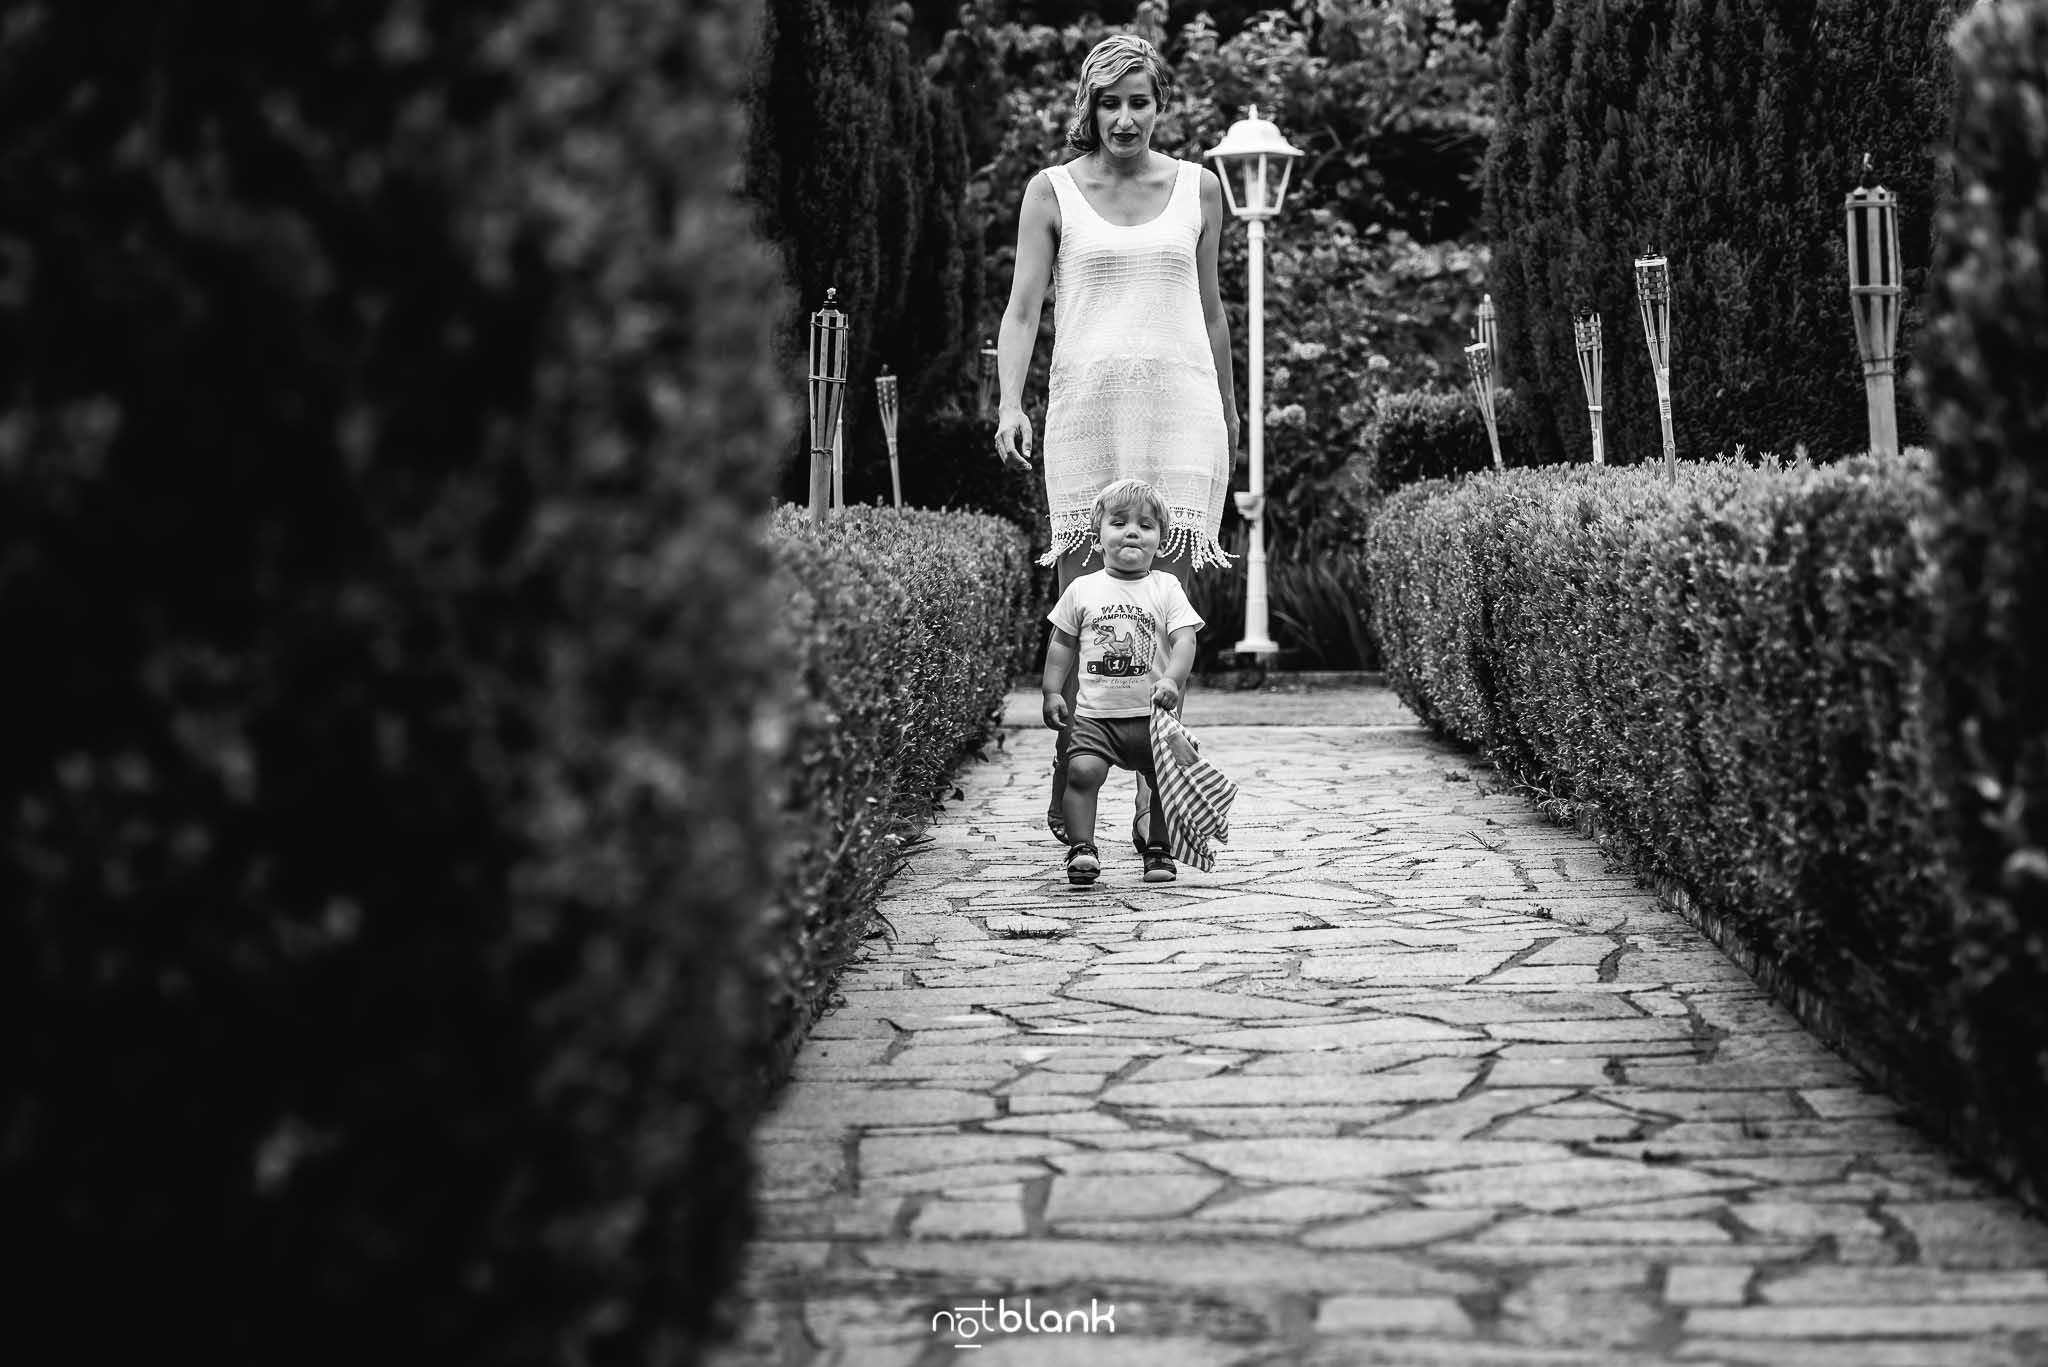 Boda En El Jardin De Casa Jana y Fran - La novia pasea con su hijo pequeño por el jardin antes de la ceremonia civil - Notblank Fotografos de boda